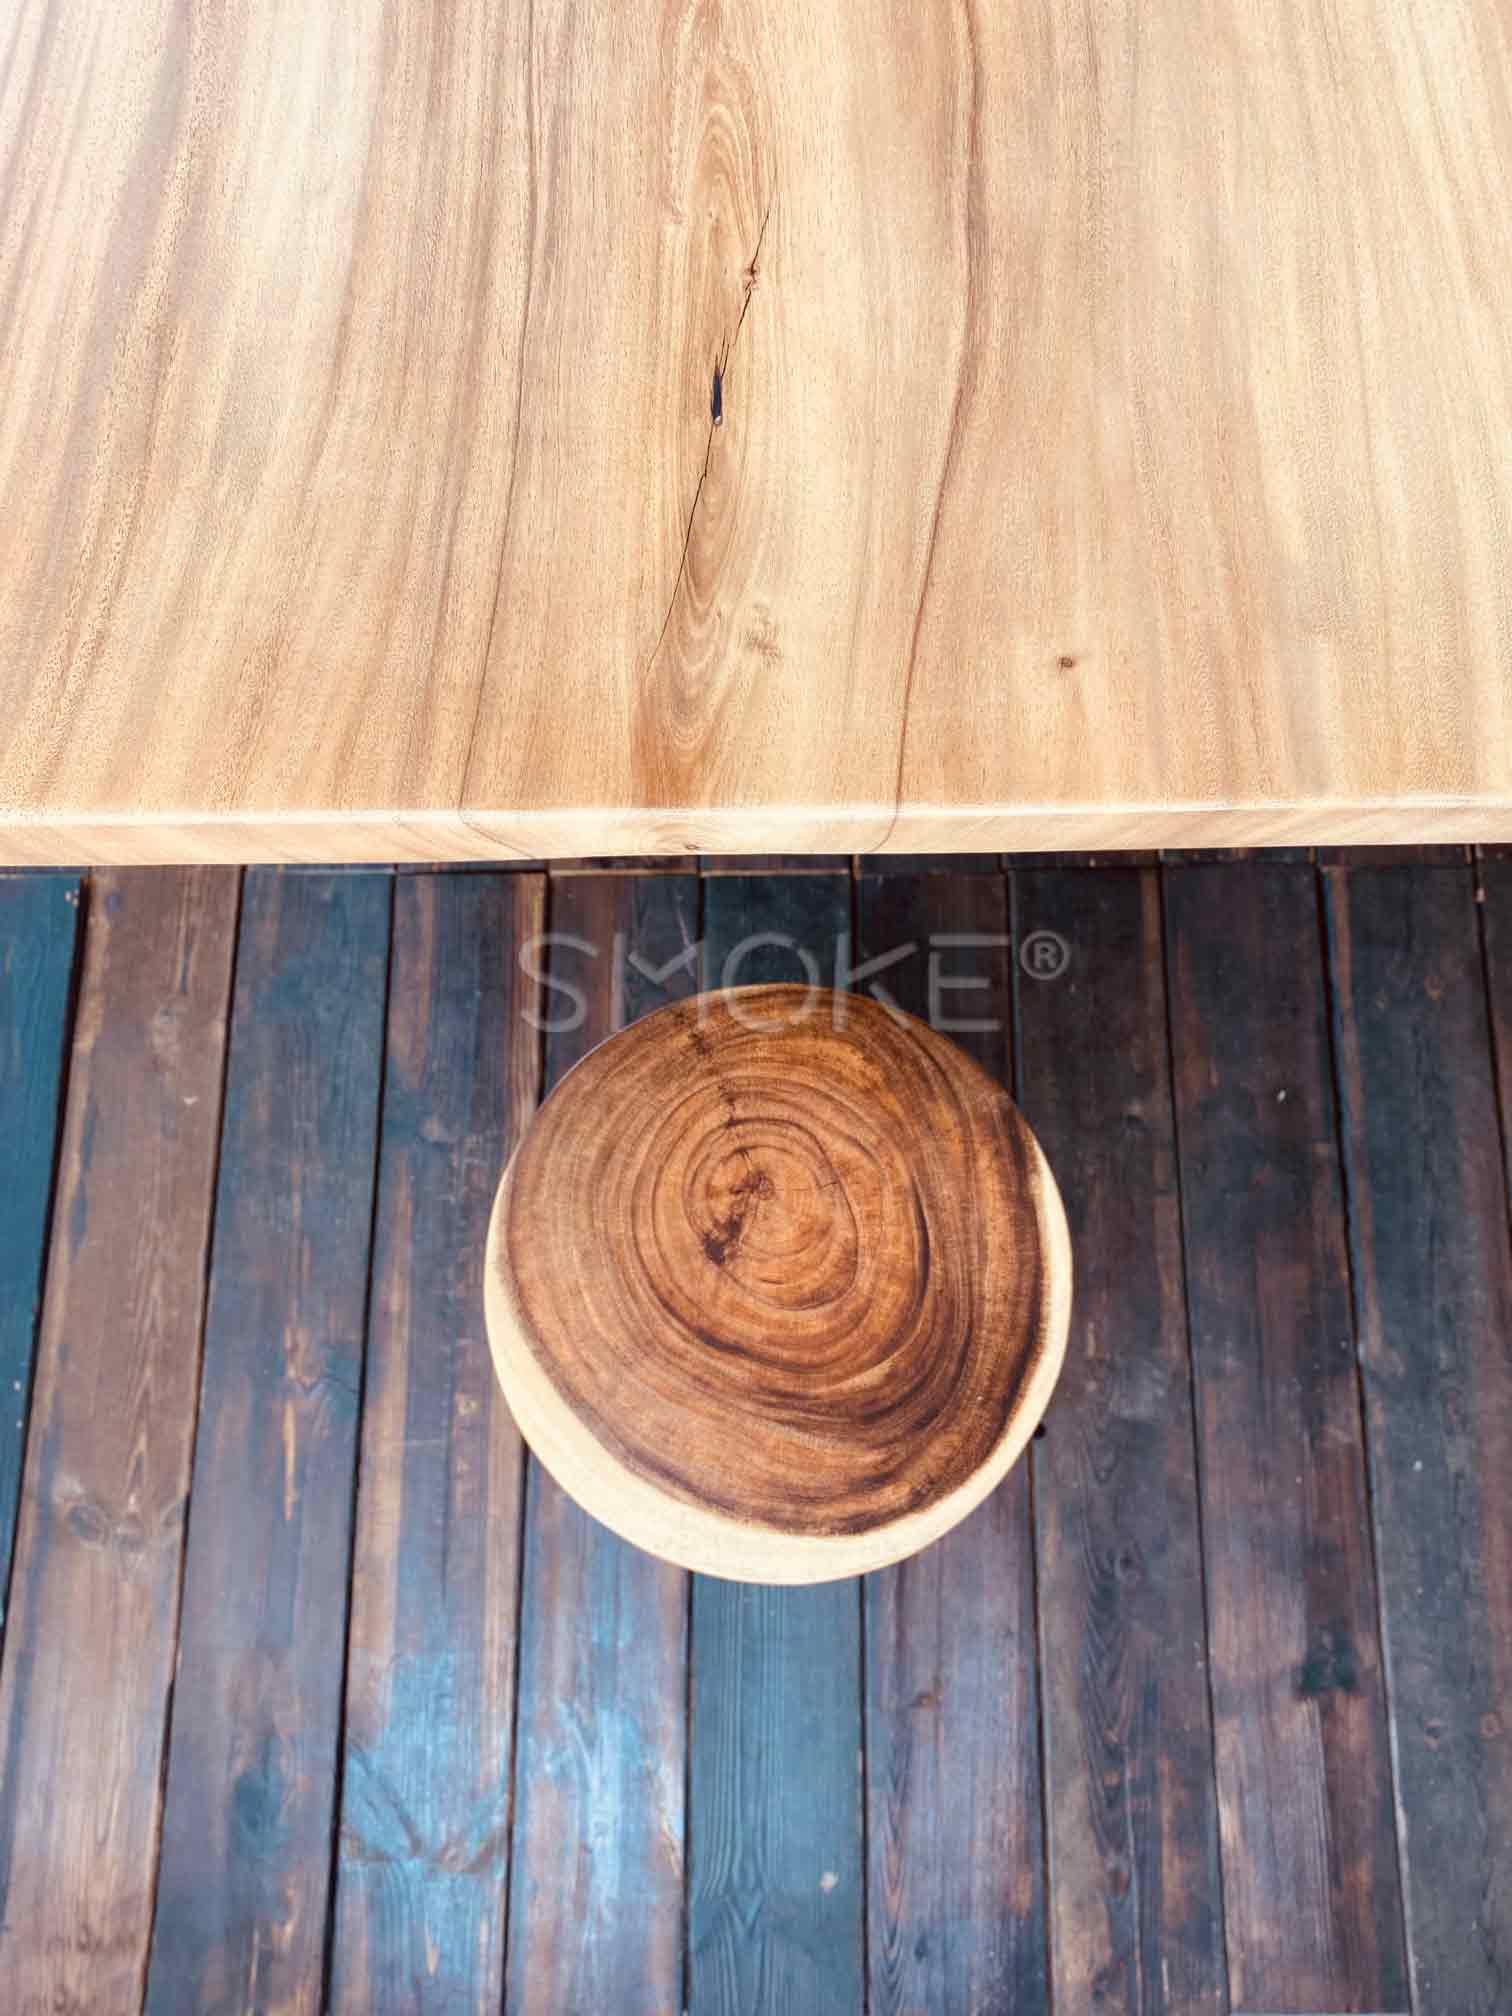 Suar wood stool on panel floor